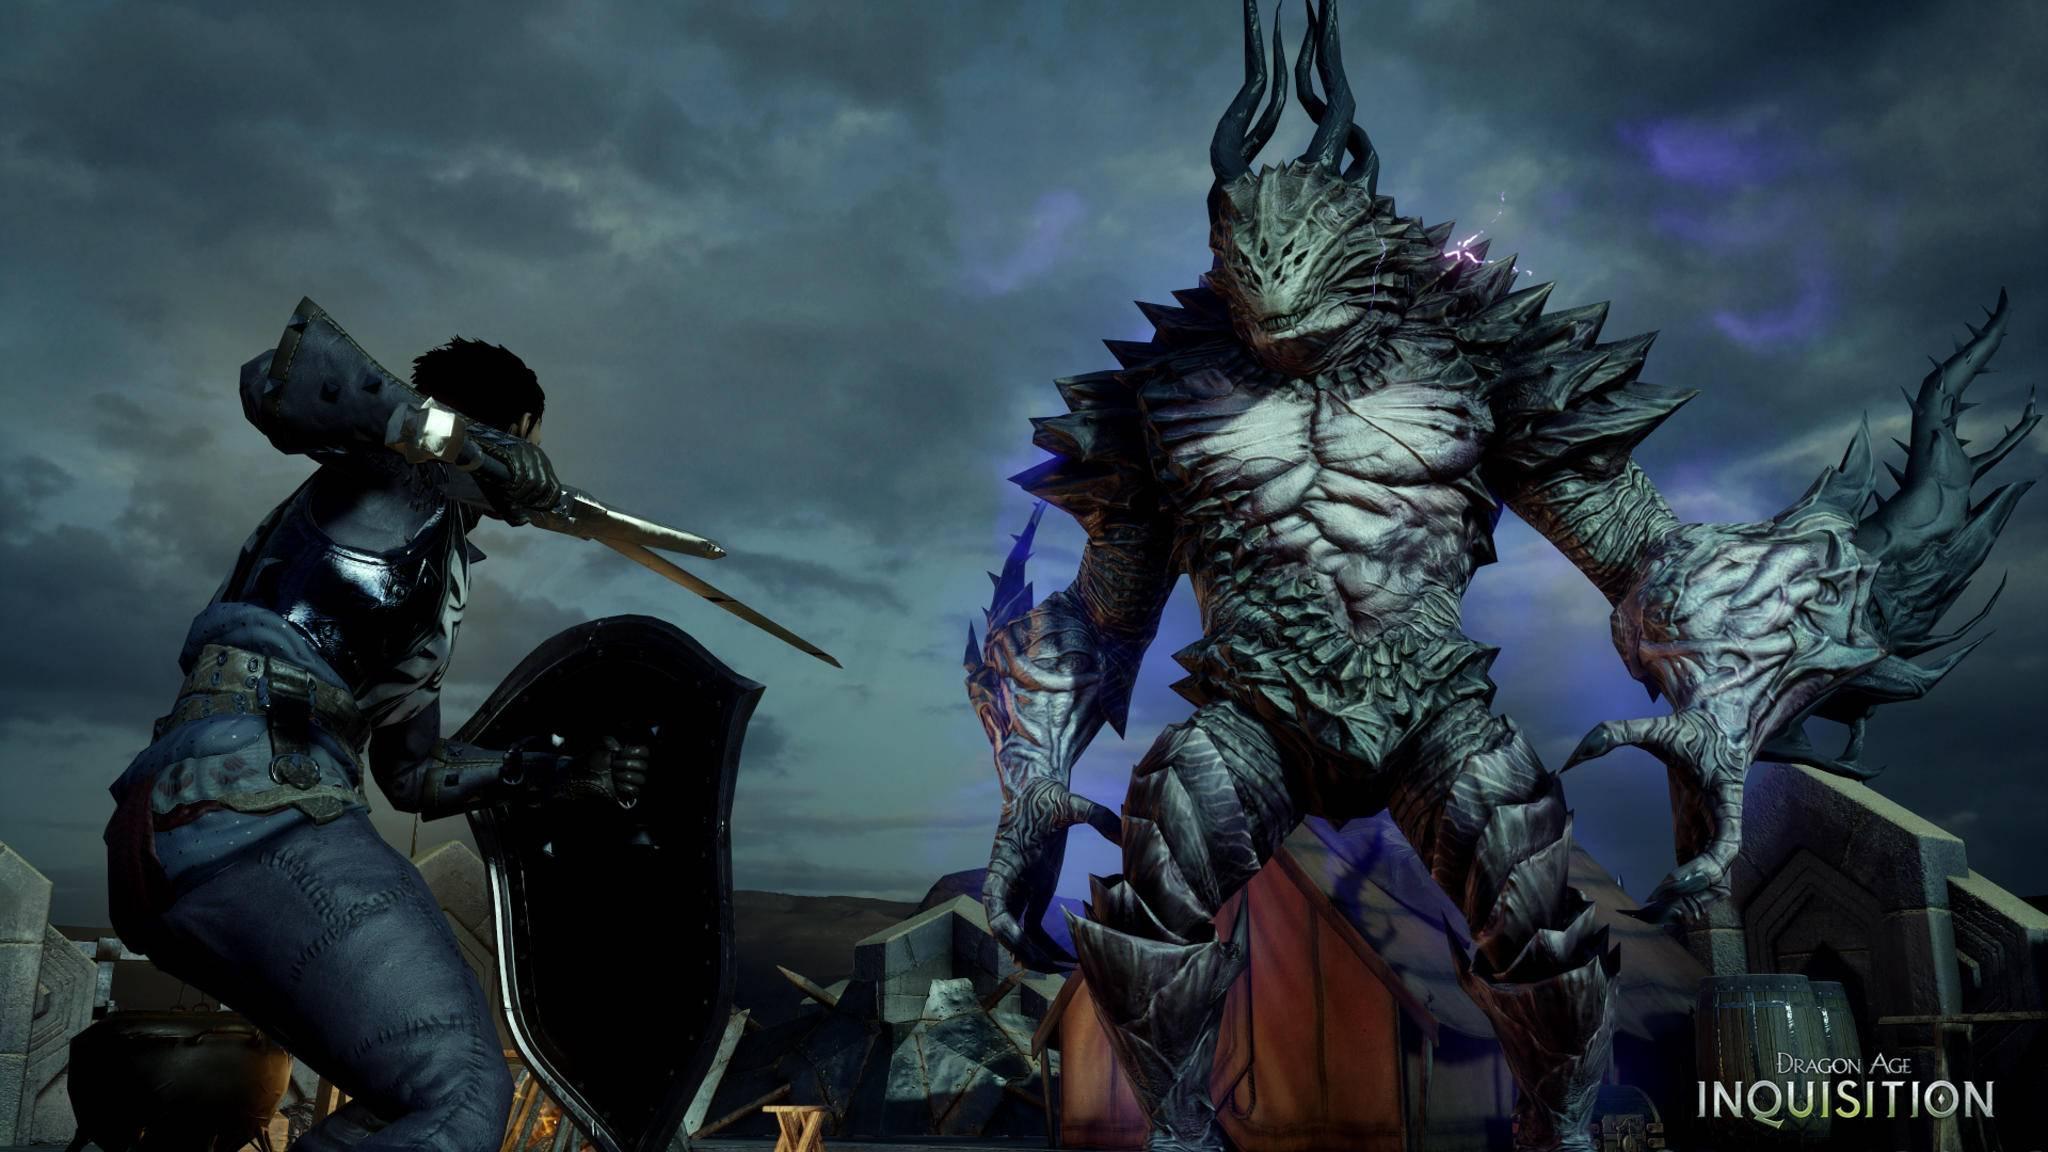 """""""Dragon Age: Inquisition"""" erschien bereits 2014. Bis zum Release von """"Dragon Age 4"""" werden aber mindestens noch einmal drei weitere Jahre vergehen."""